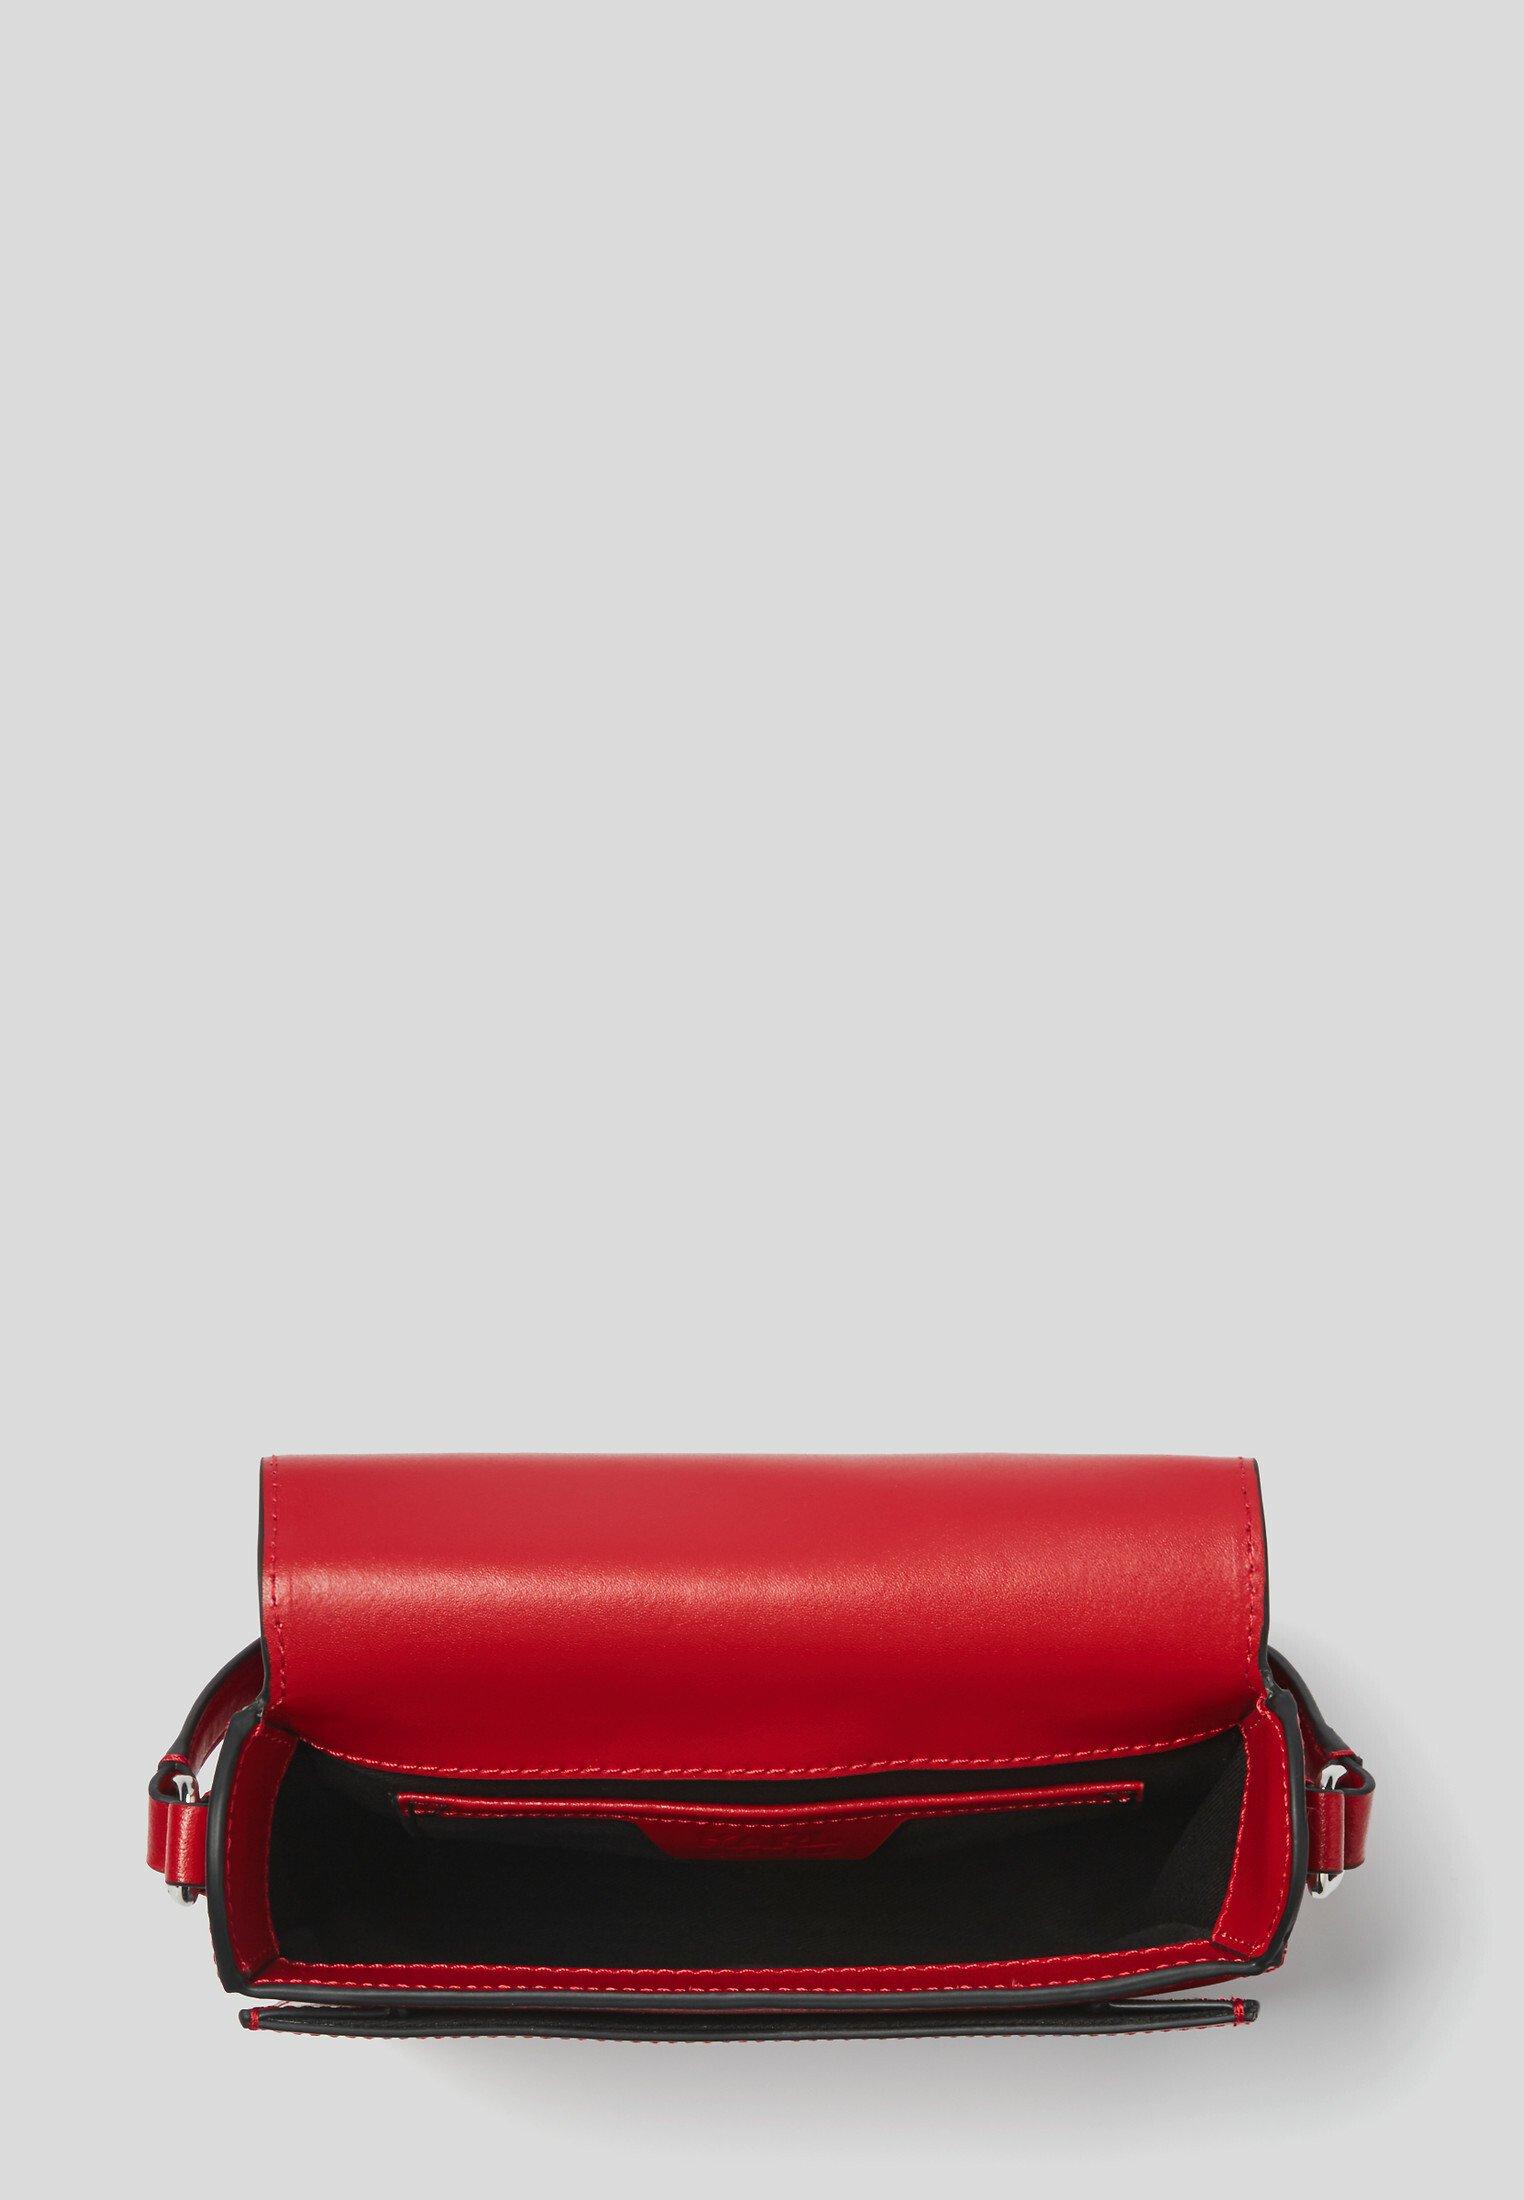 KARL LAGERFELD AUTOGRAPH - Sac bandoulière - a502 klassik rd